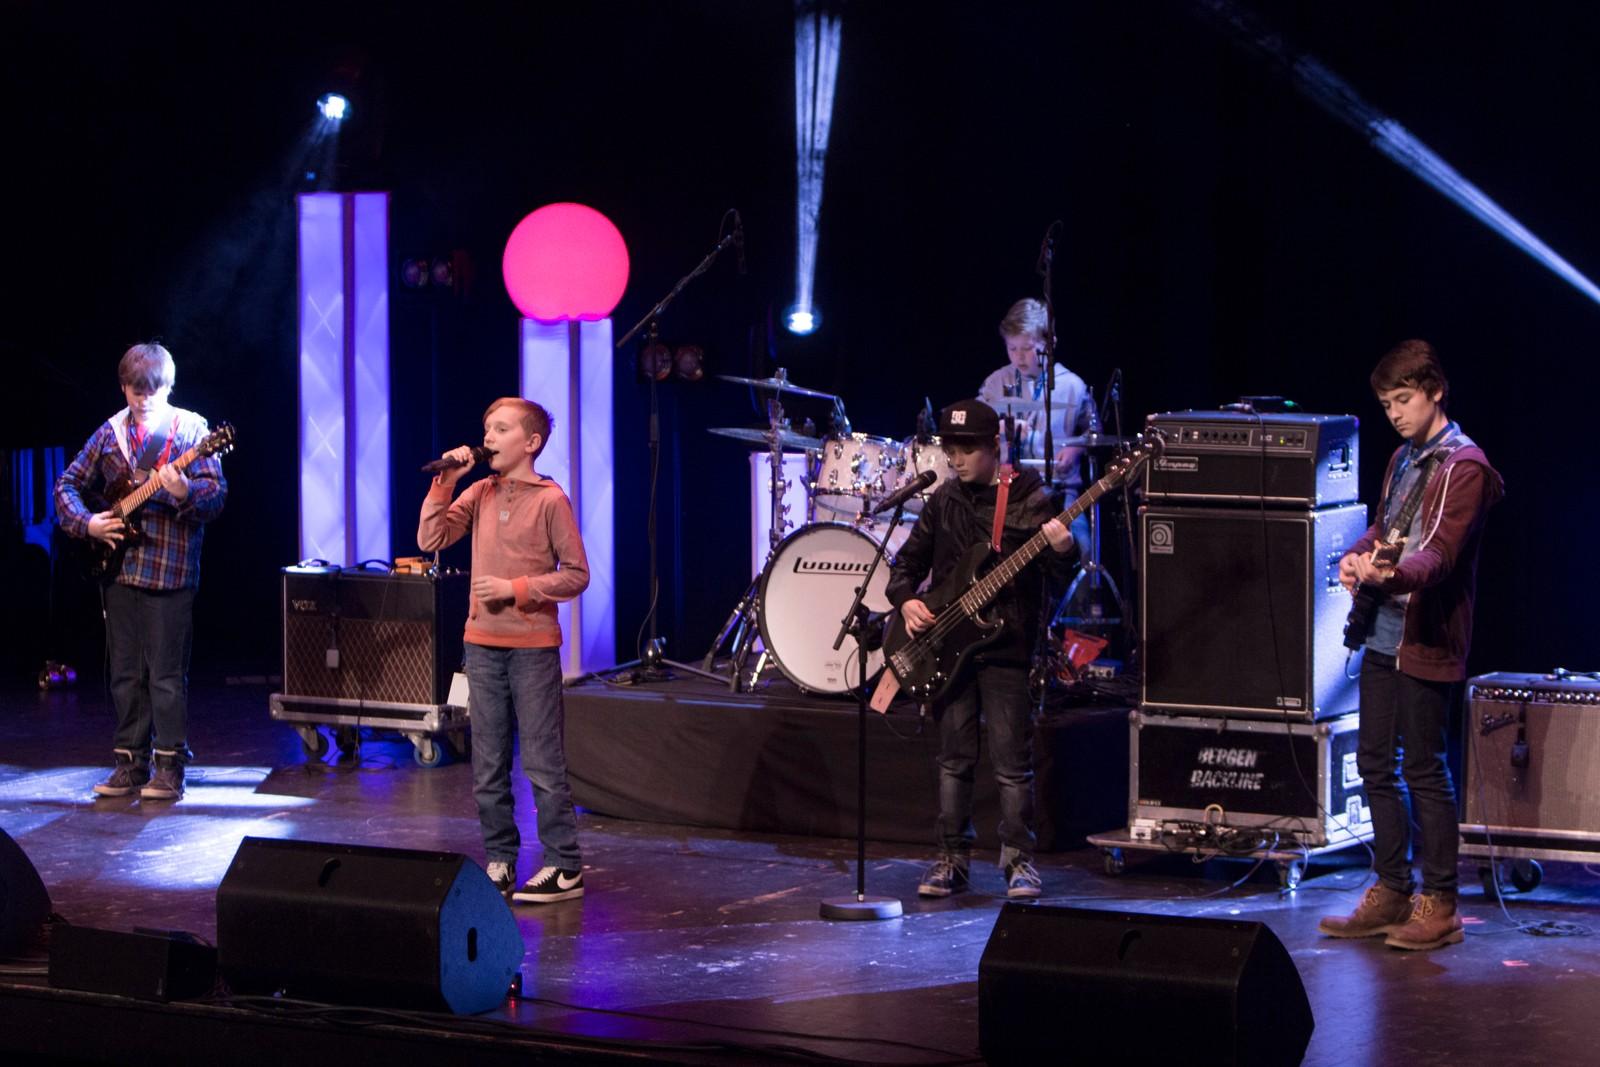 """LÆRDAL: Aksel Norstrand Bøkenes, Gard Hunderi, Knut Isdal Lindstrøm, Marcus Sørensen og Samuel Eines kallar seg """"Band 1"""" og framfører """"Wild Thing"""""""